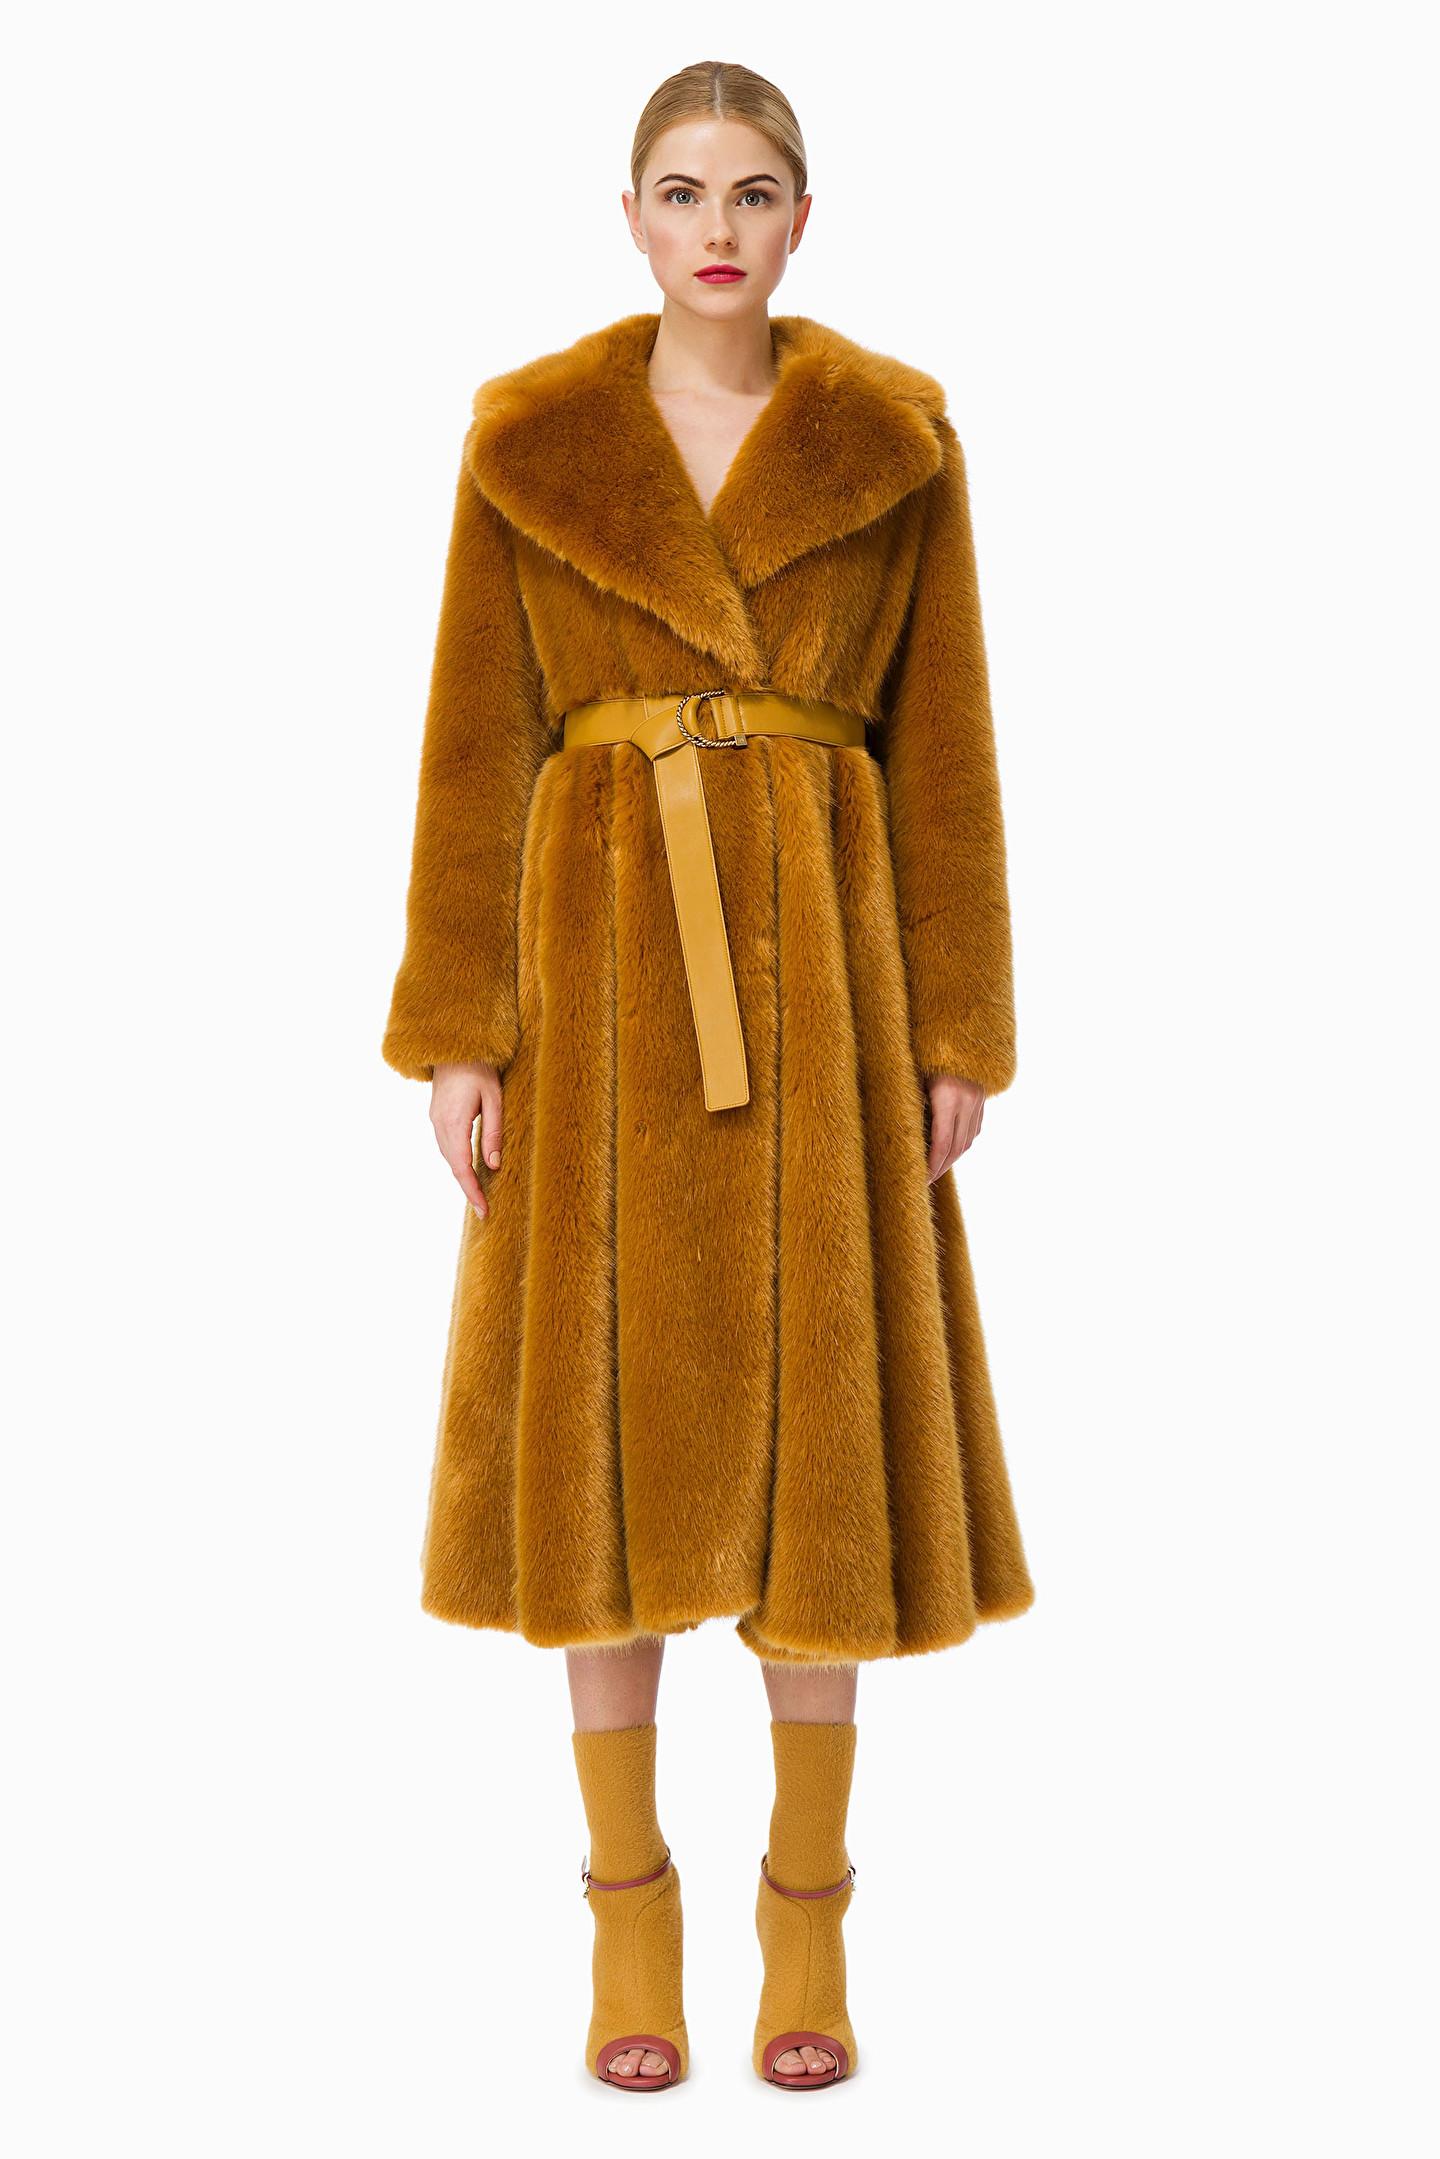 e78c032ab0 I cappotti di tendenza per l'inverno 2019: classico o originale ...